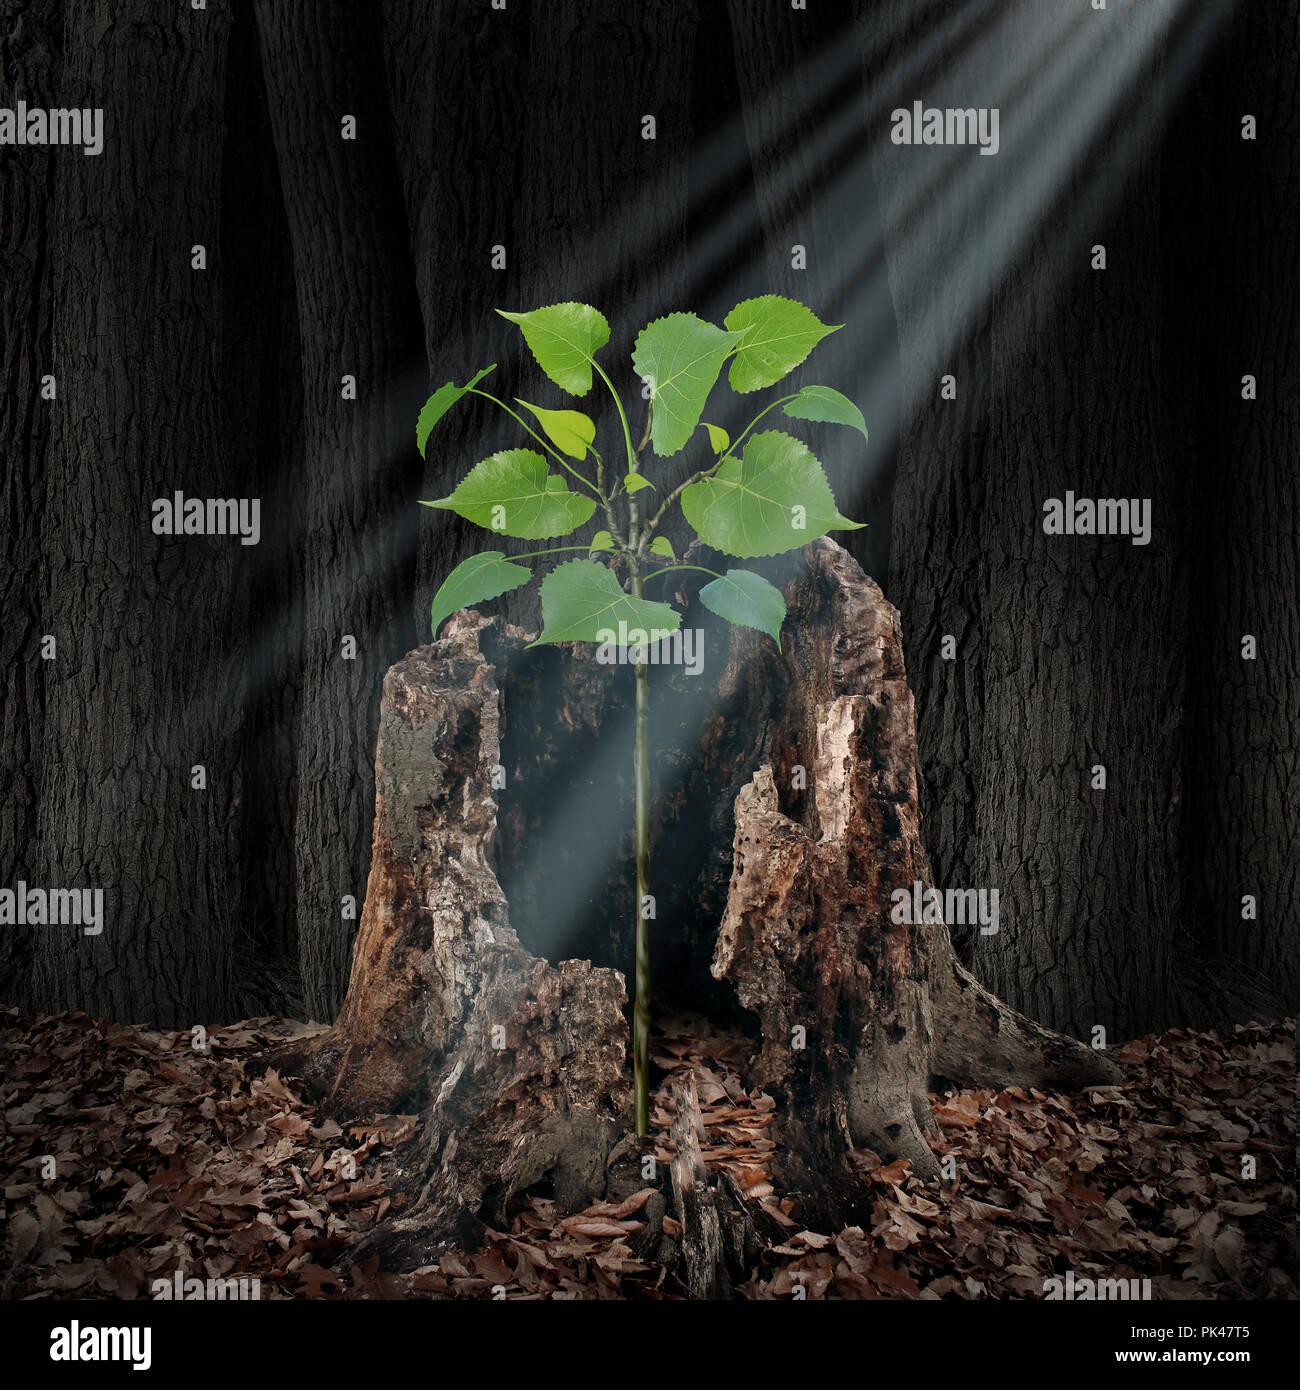 Croire et foi concept comme un rayon de lumière qui brille d'en haut sur un jeune arbre, fruit d'un arbre mort comme un espoir et la spiritualité idée. Photo Stock